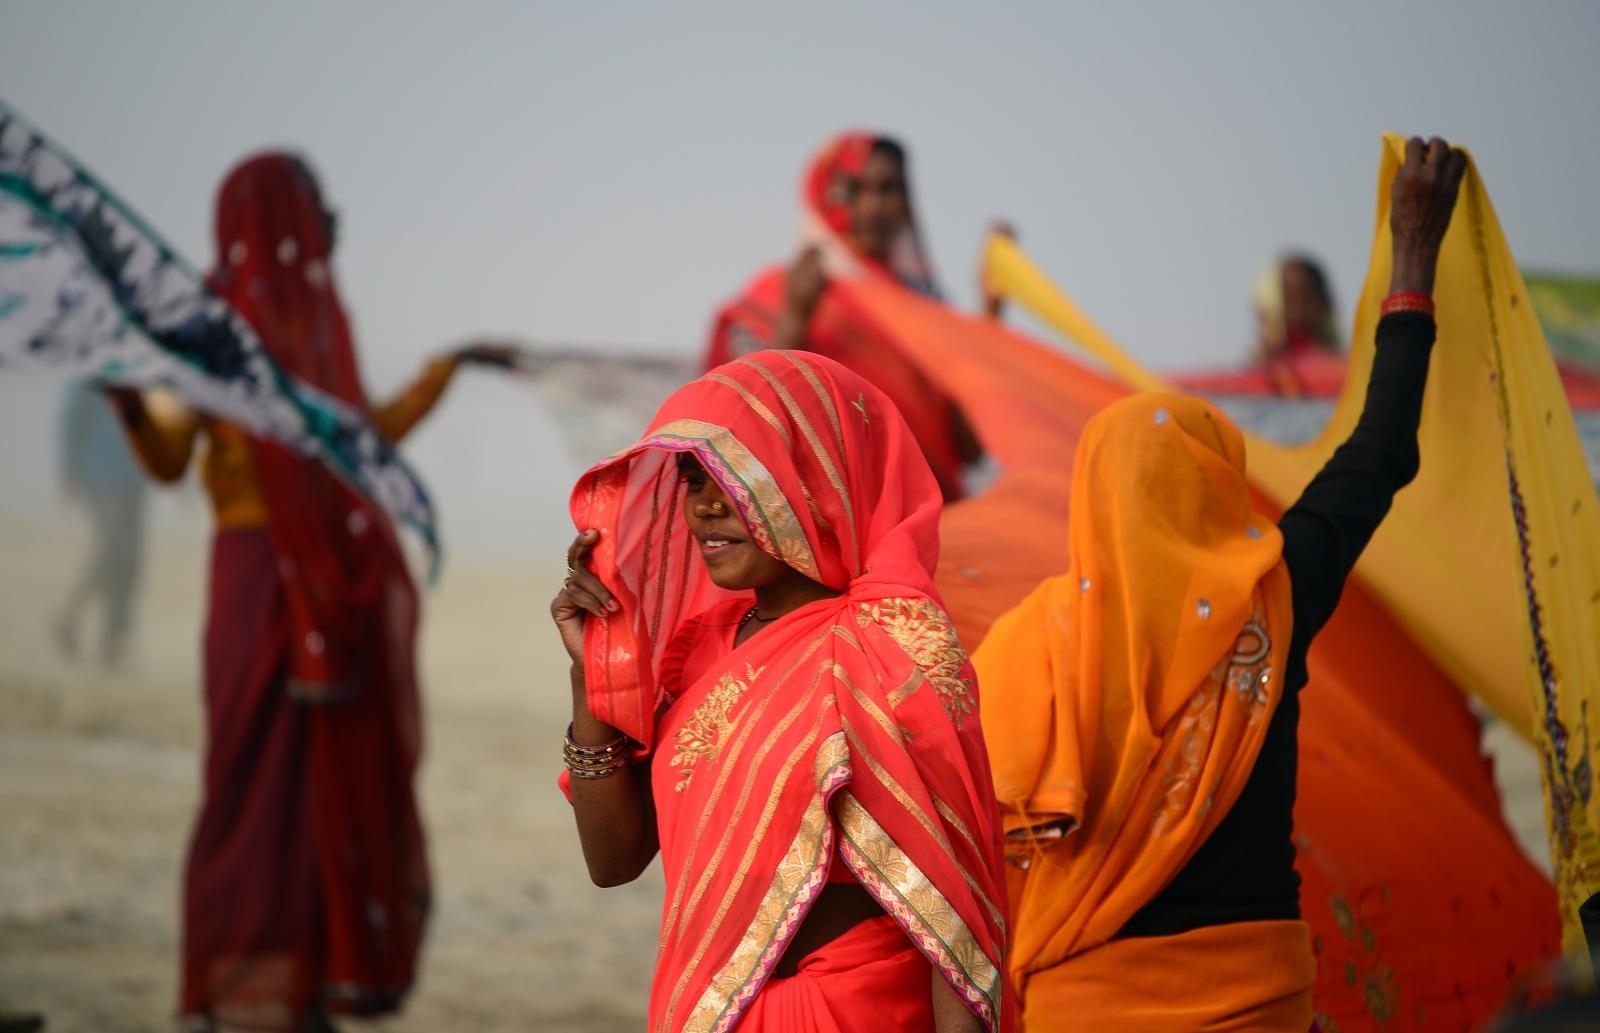 Indian sari women